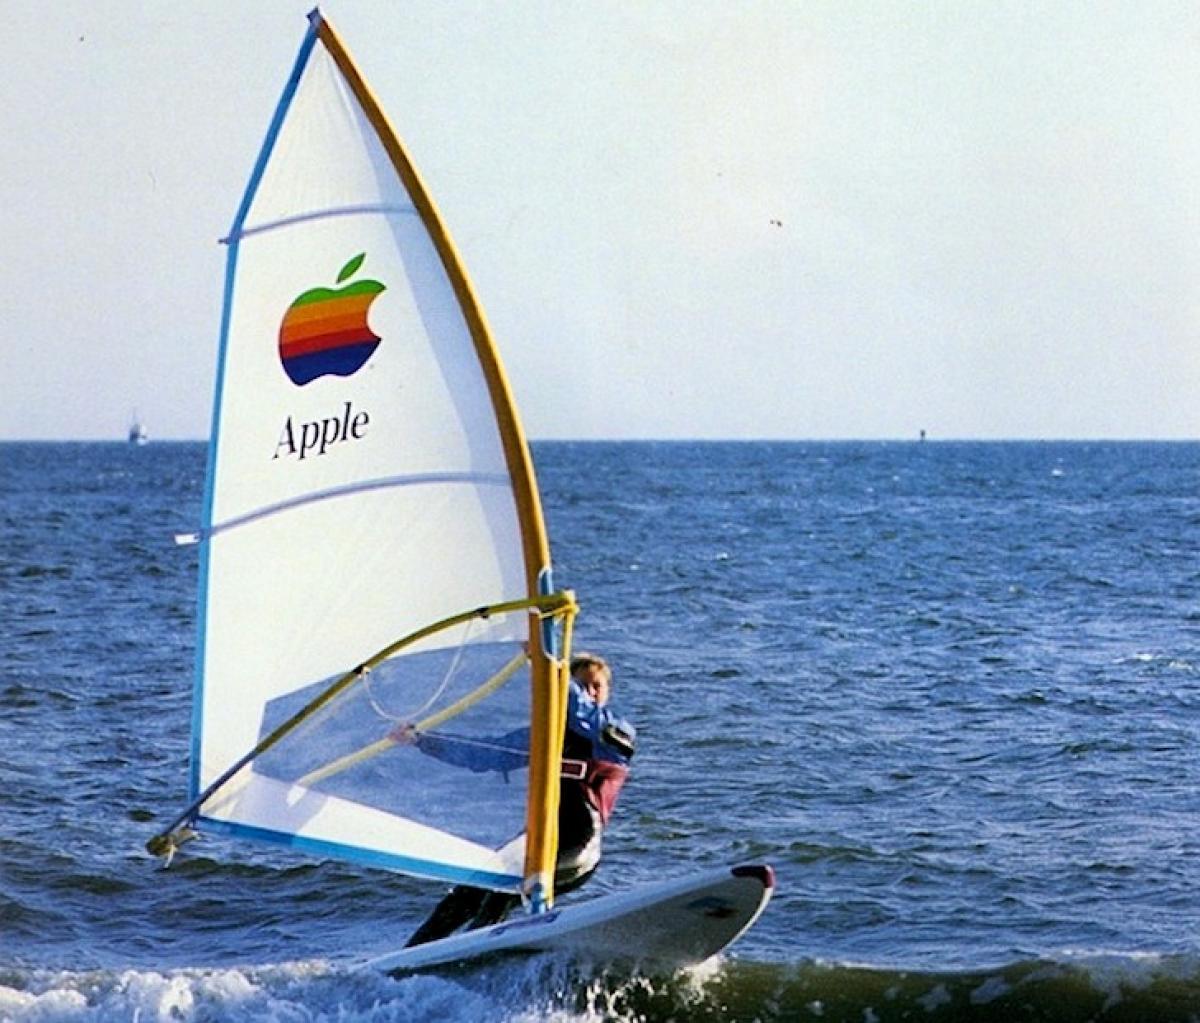 An Apple branded windsurfing board